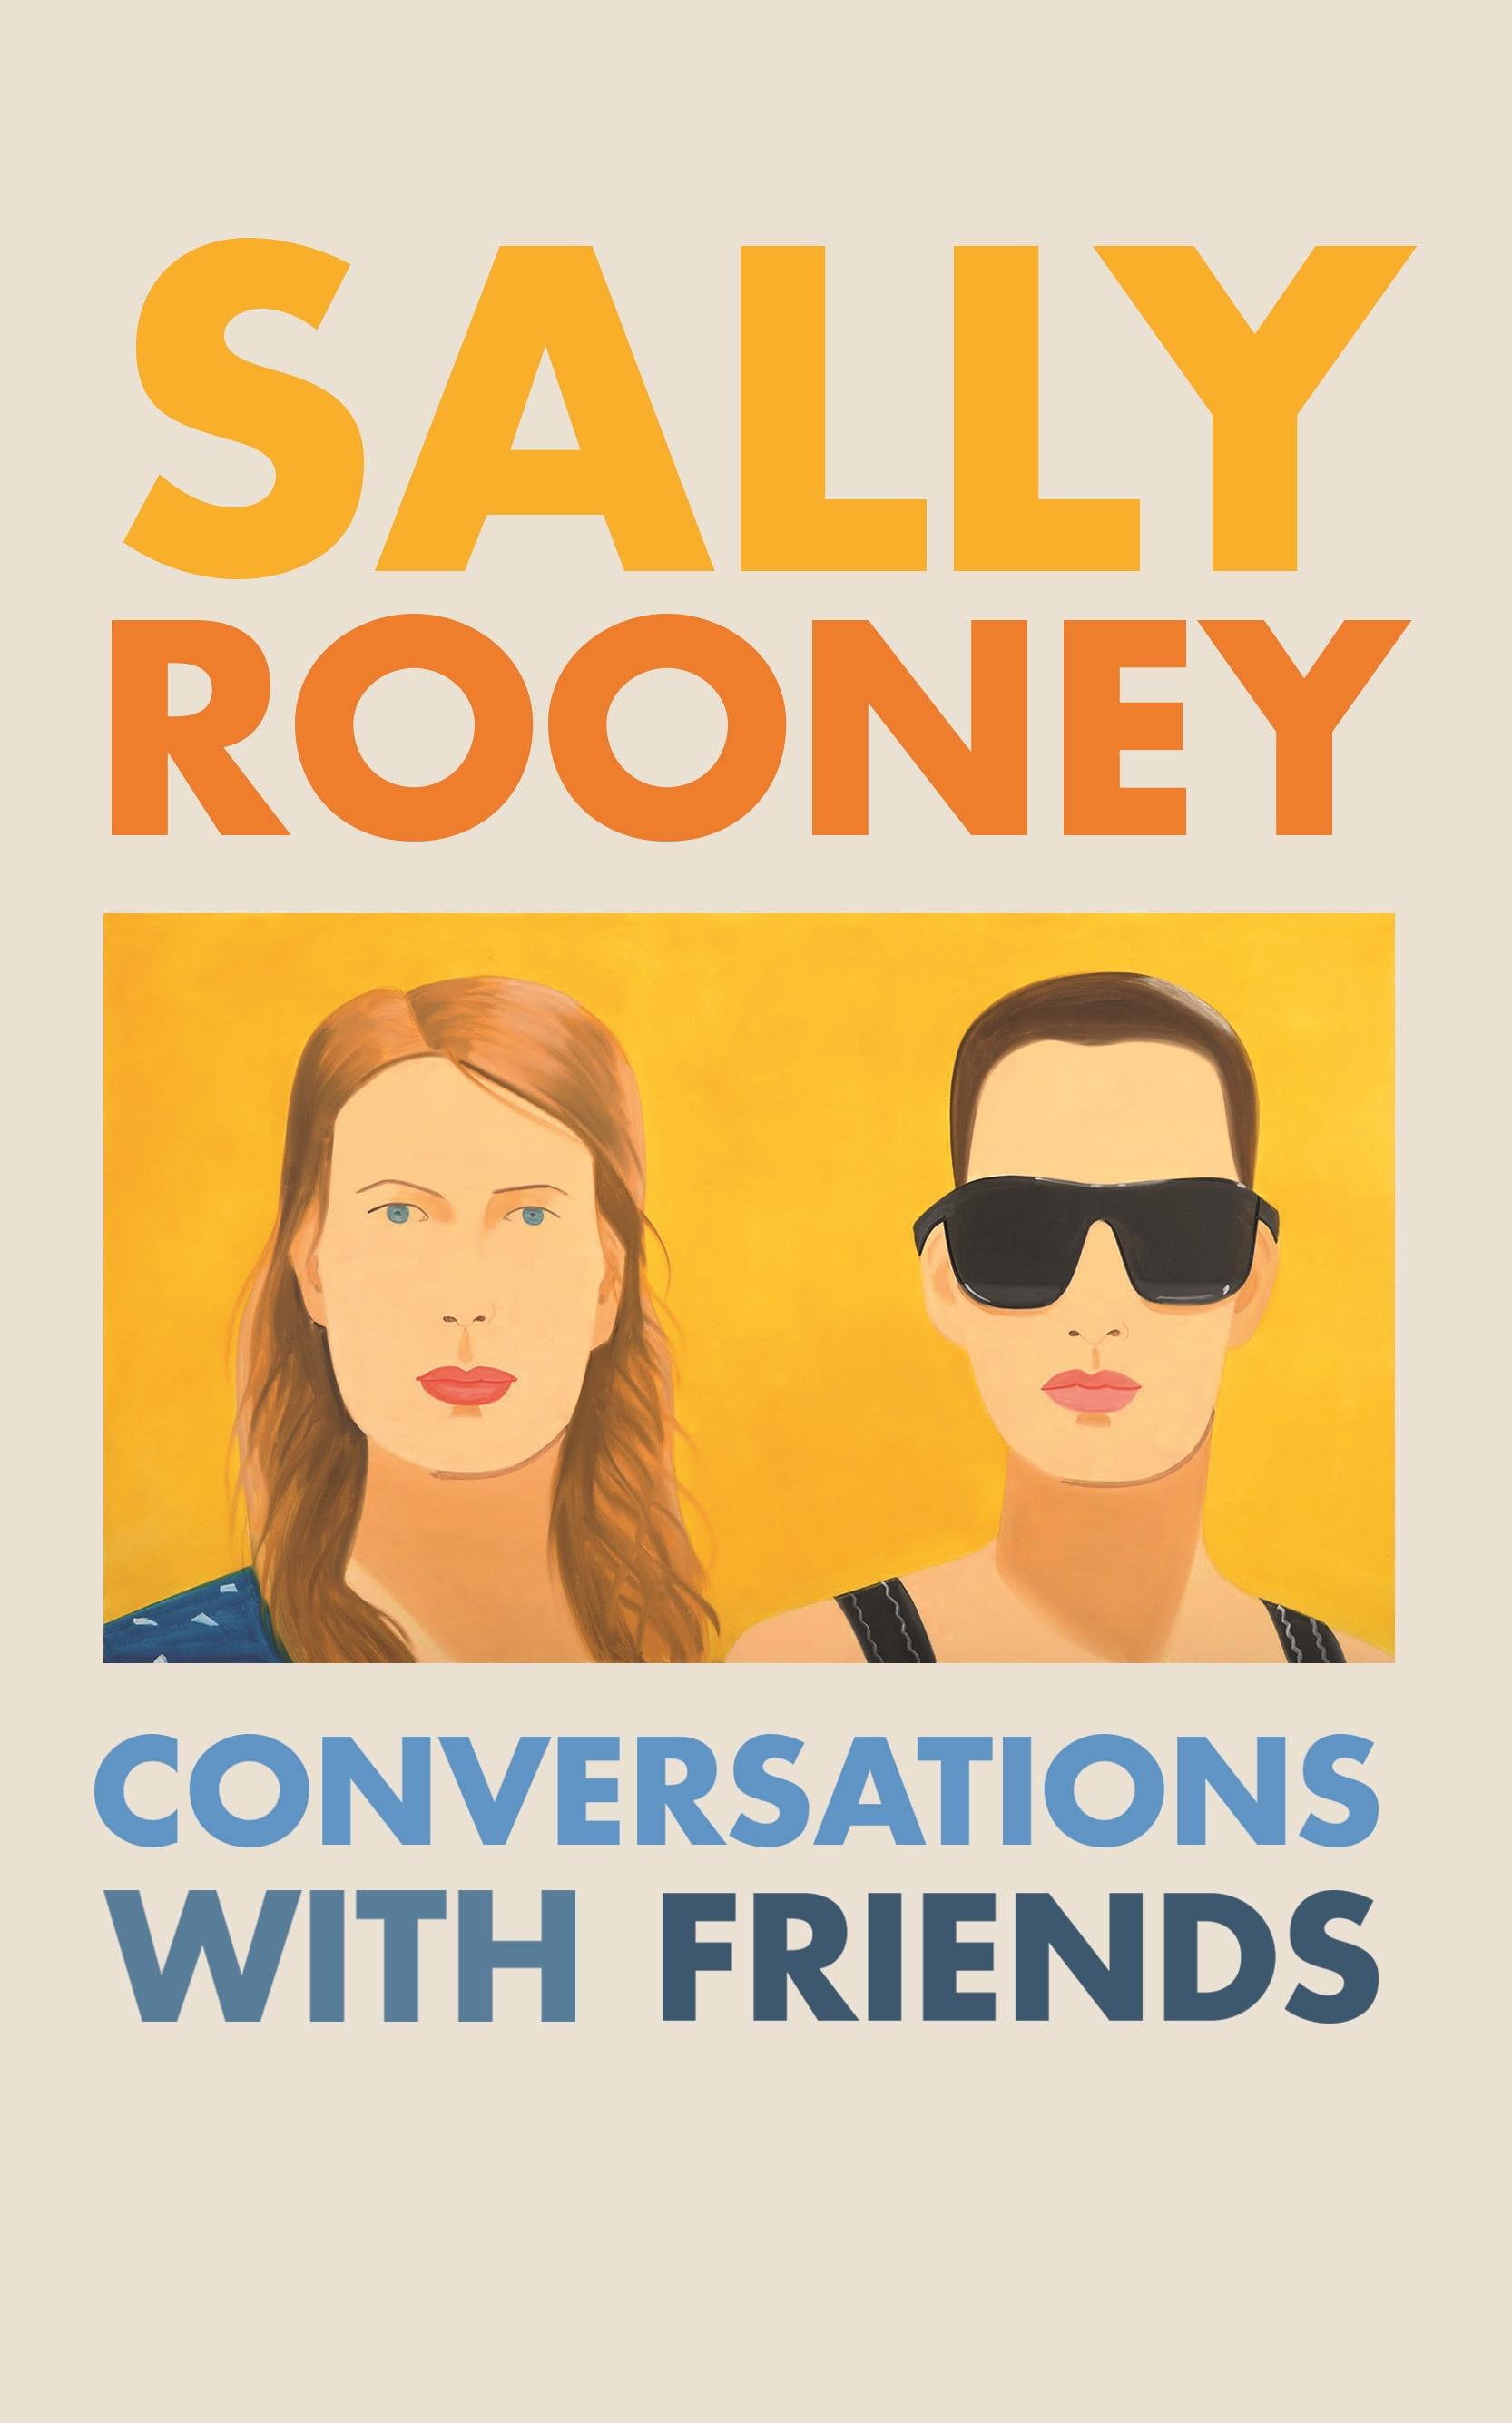 Sally Rooney